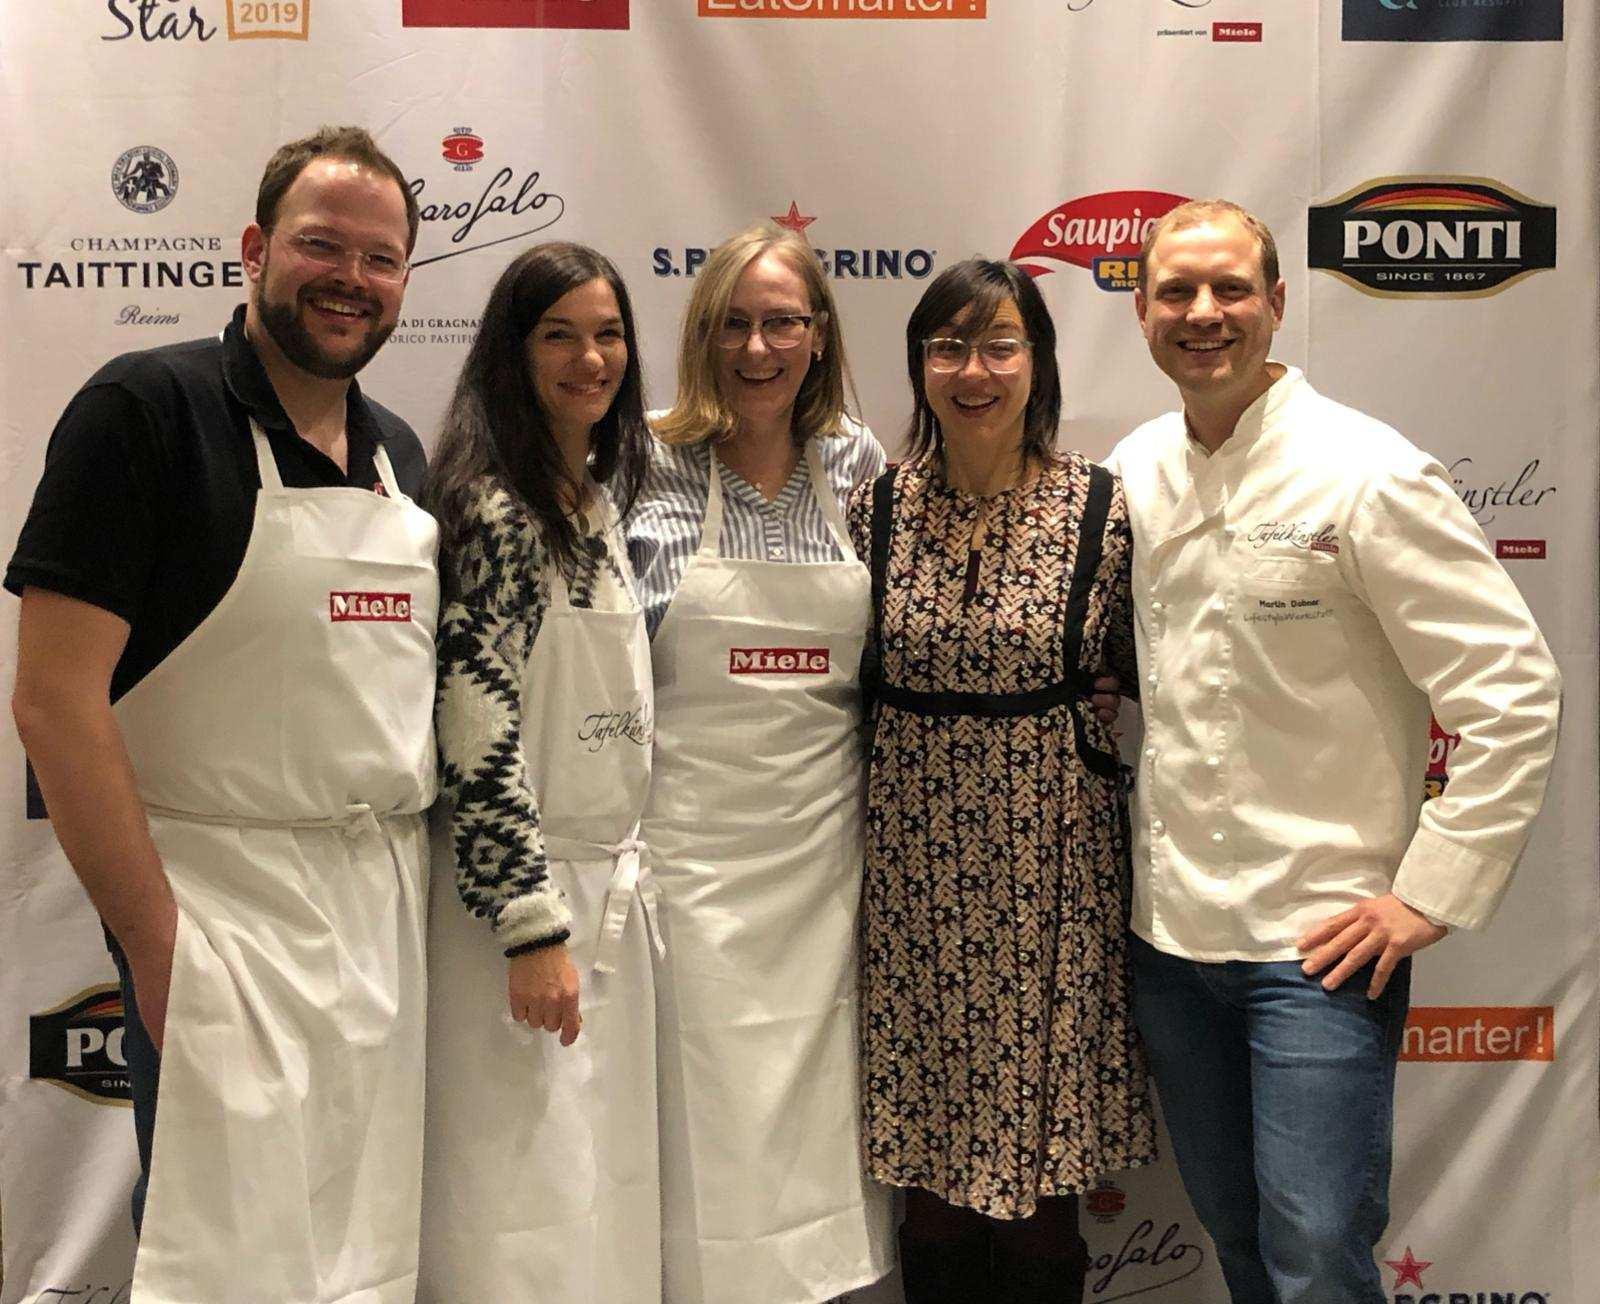 In der LifestyleWerkstatt in Mörfelden-Walldorf, der Miele Tafelkünstler Kochschule fand der Vorentscheid des CookingStar Kochwettbewerbs 2019 statt